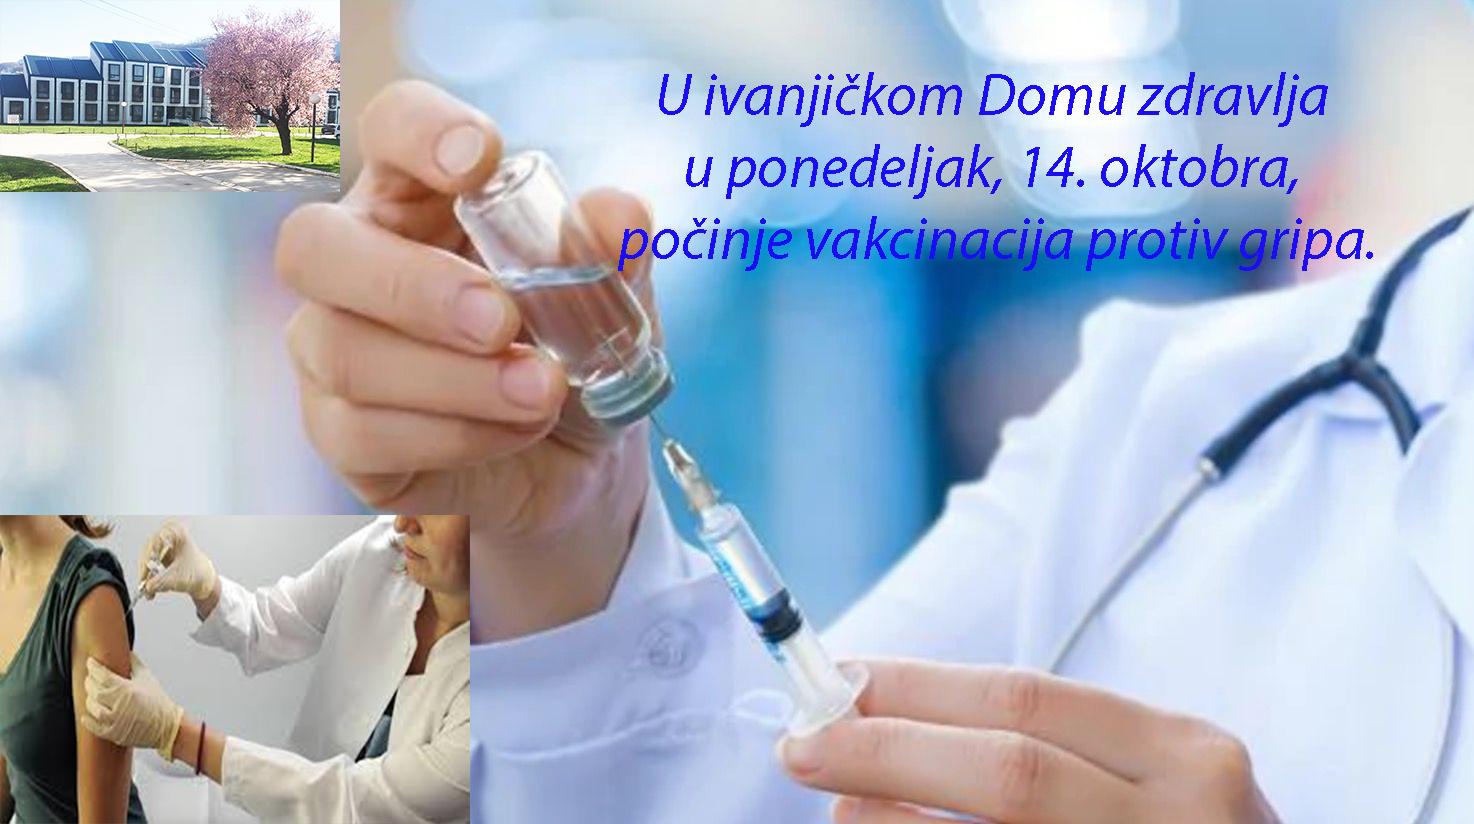 http://media.dzivanjica.rs/2019/10/vakcinagrip.jpg